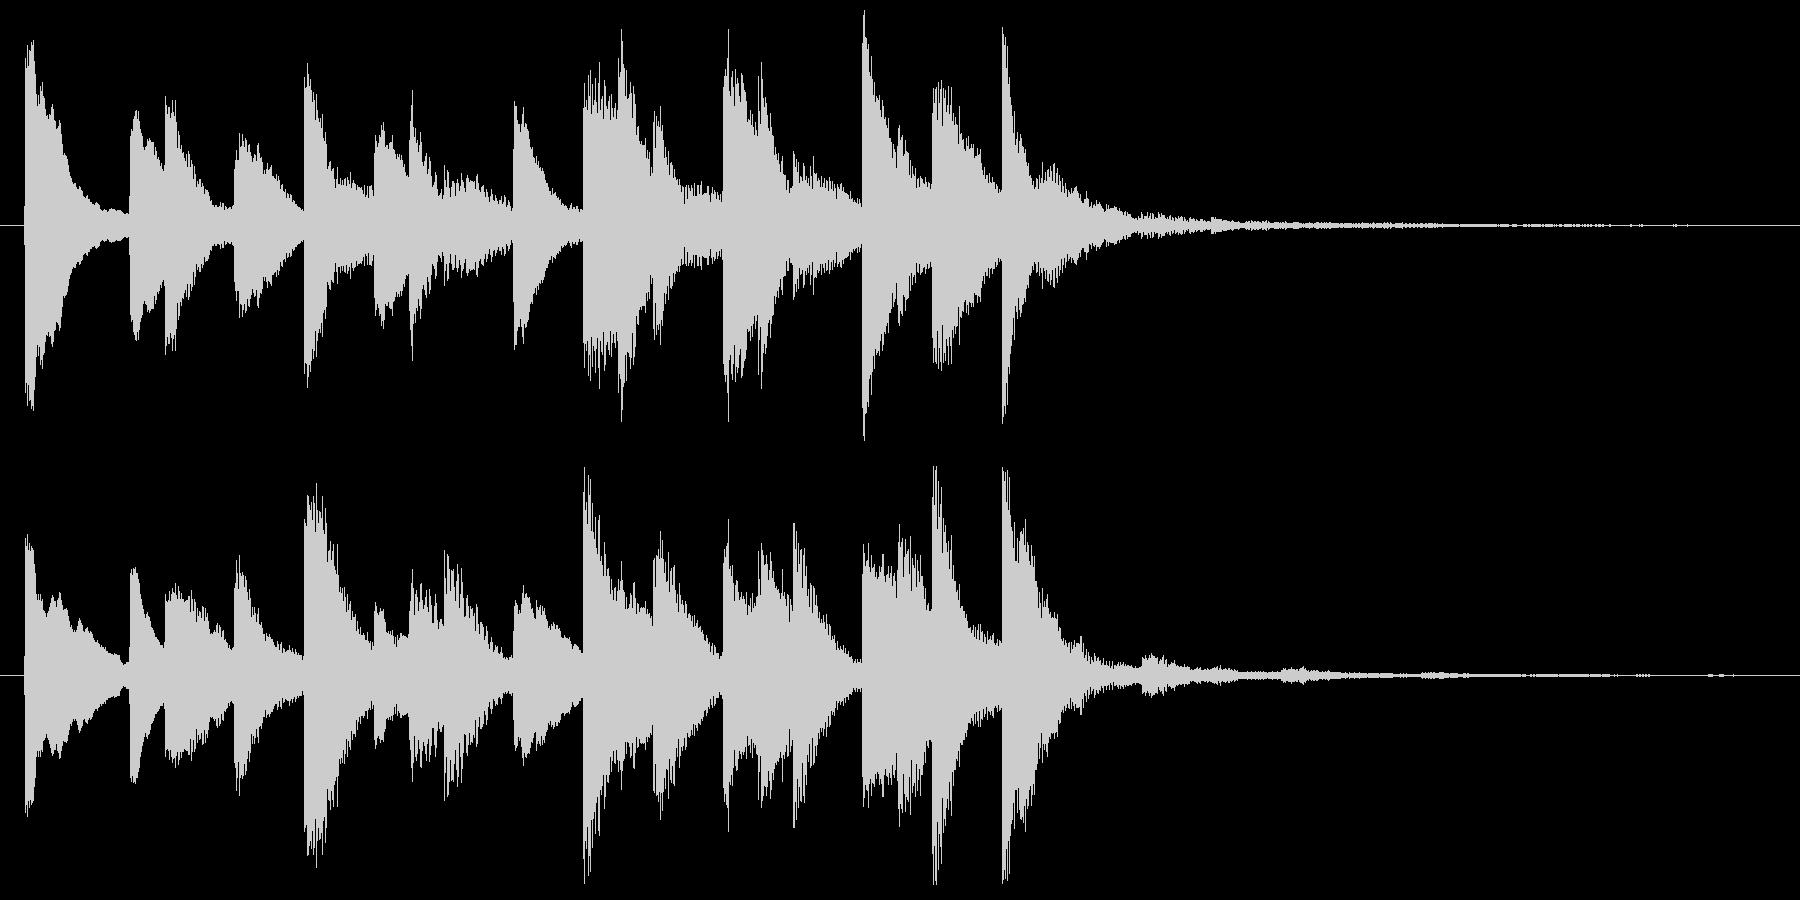 かわいくポップなベル音のワンフレーズの未再生の波形